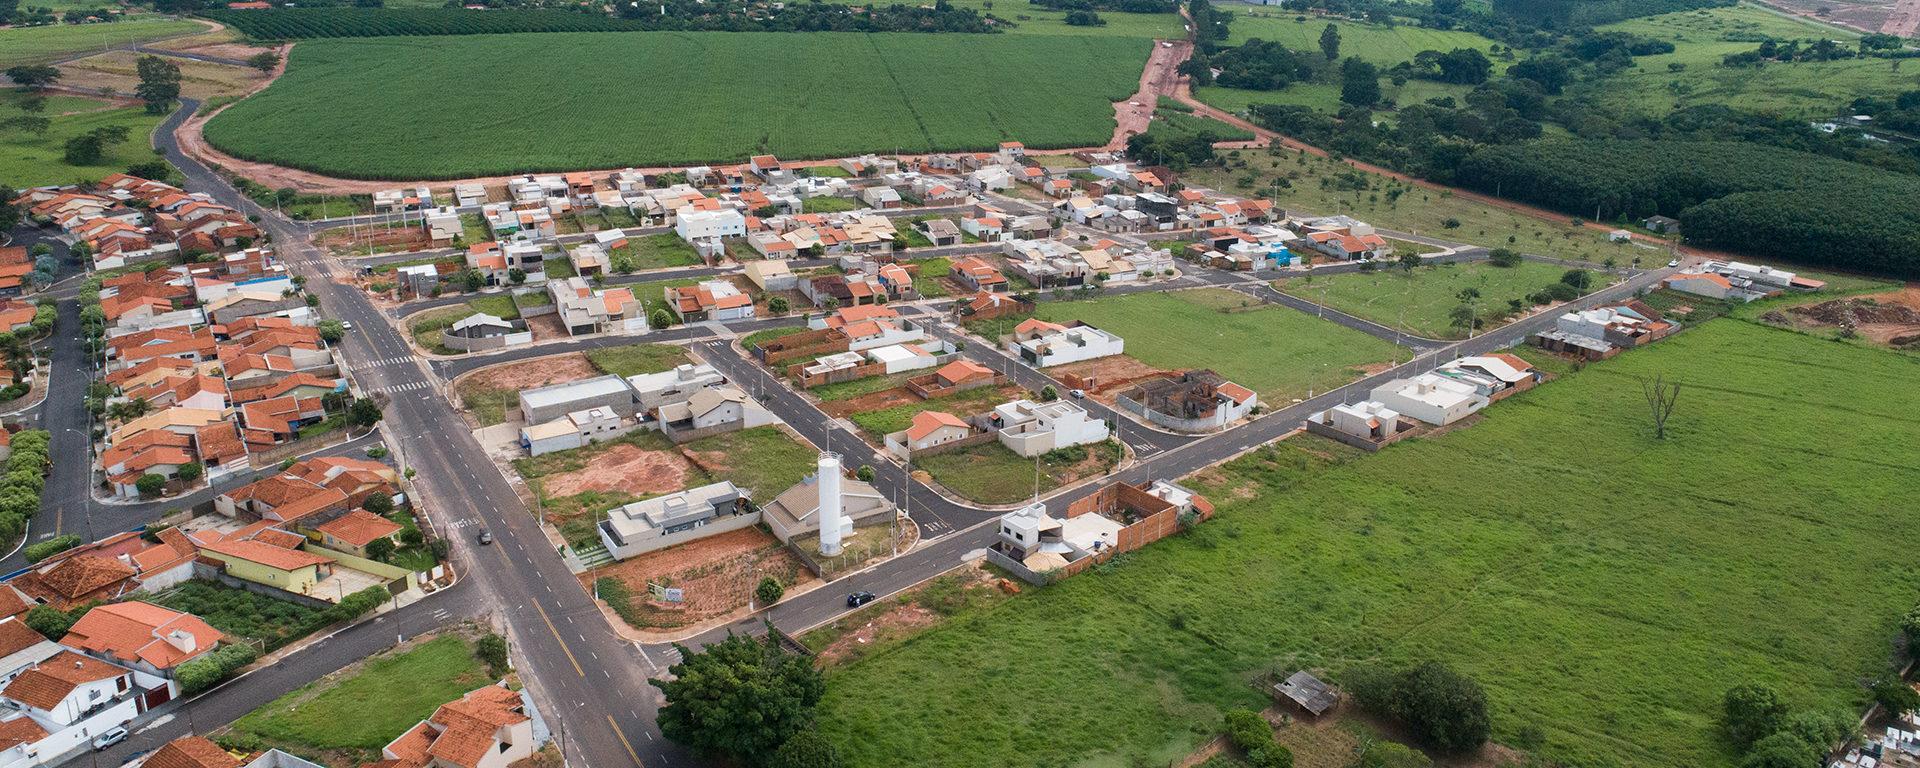 Cedral São Paulo fonte: www.setpar.com.br